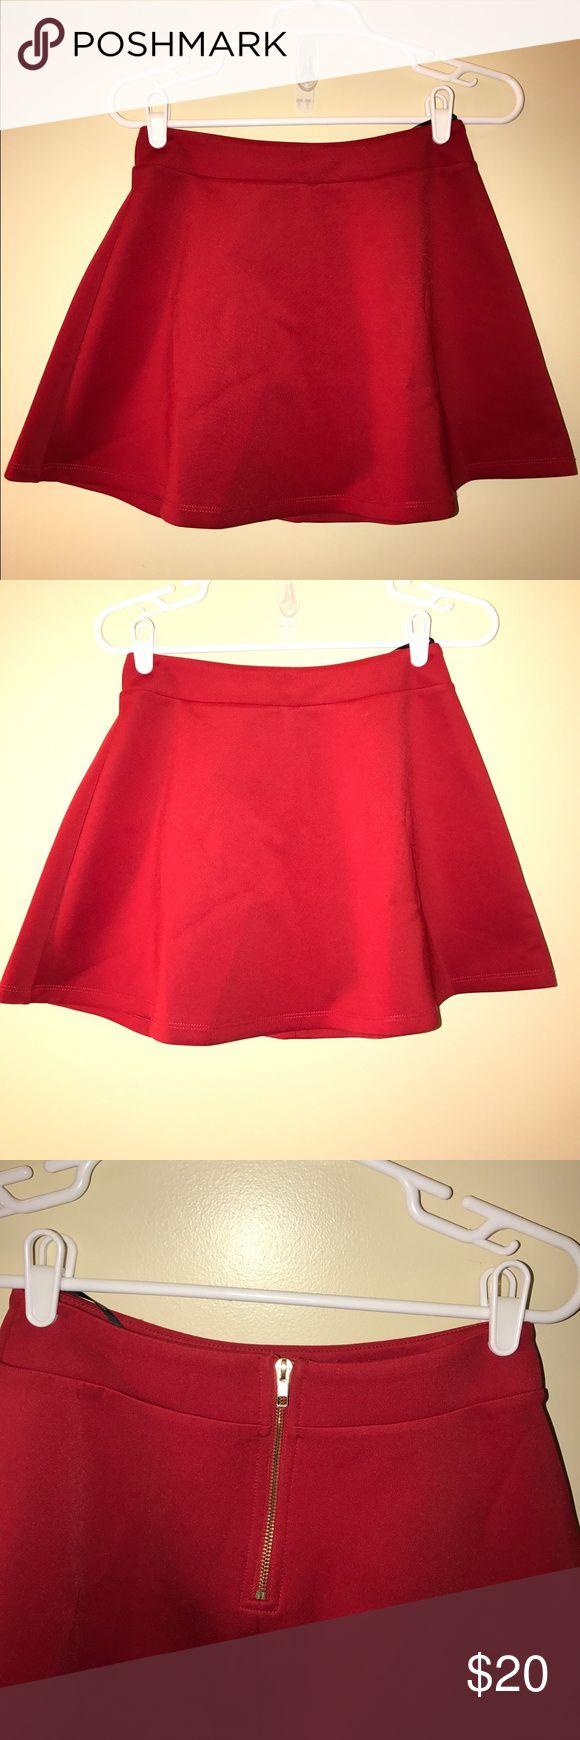 Forever 21 red skater skirt Forever 21 skater red skirt. Zipper back. Super cute. Worn only couple of times. Forever 21 Skirts Mini